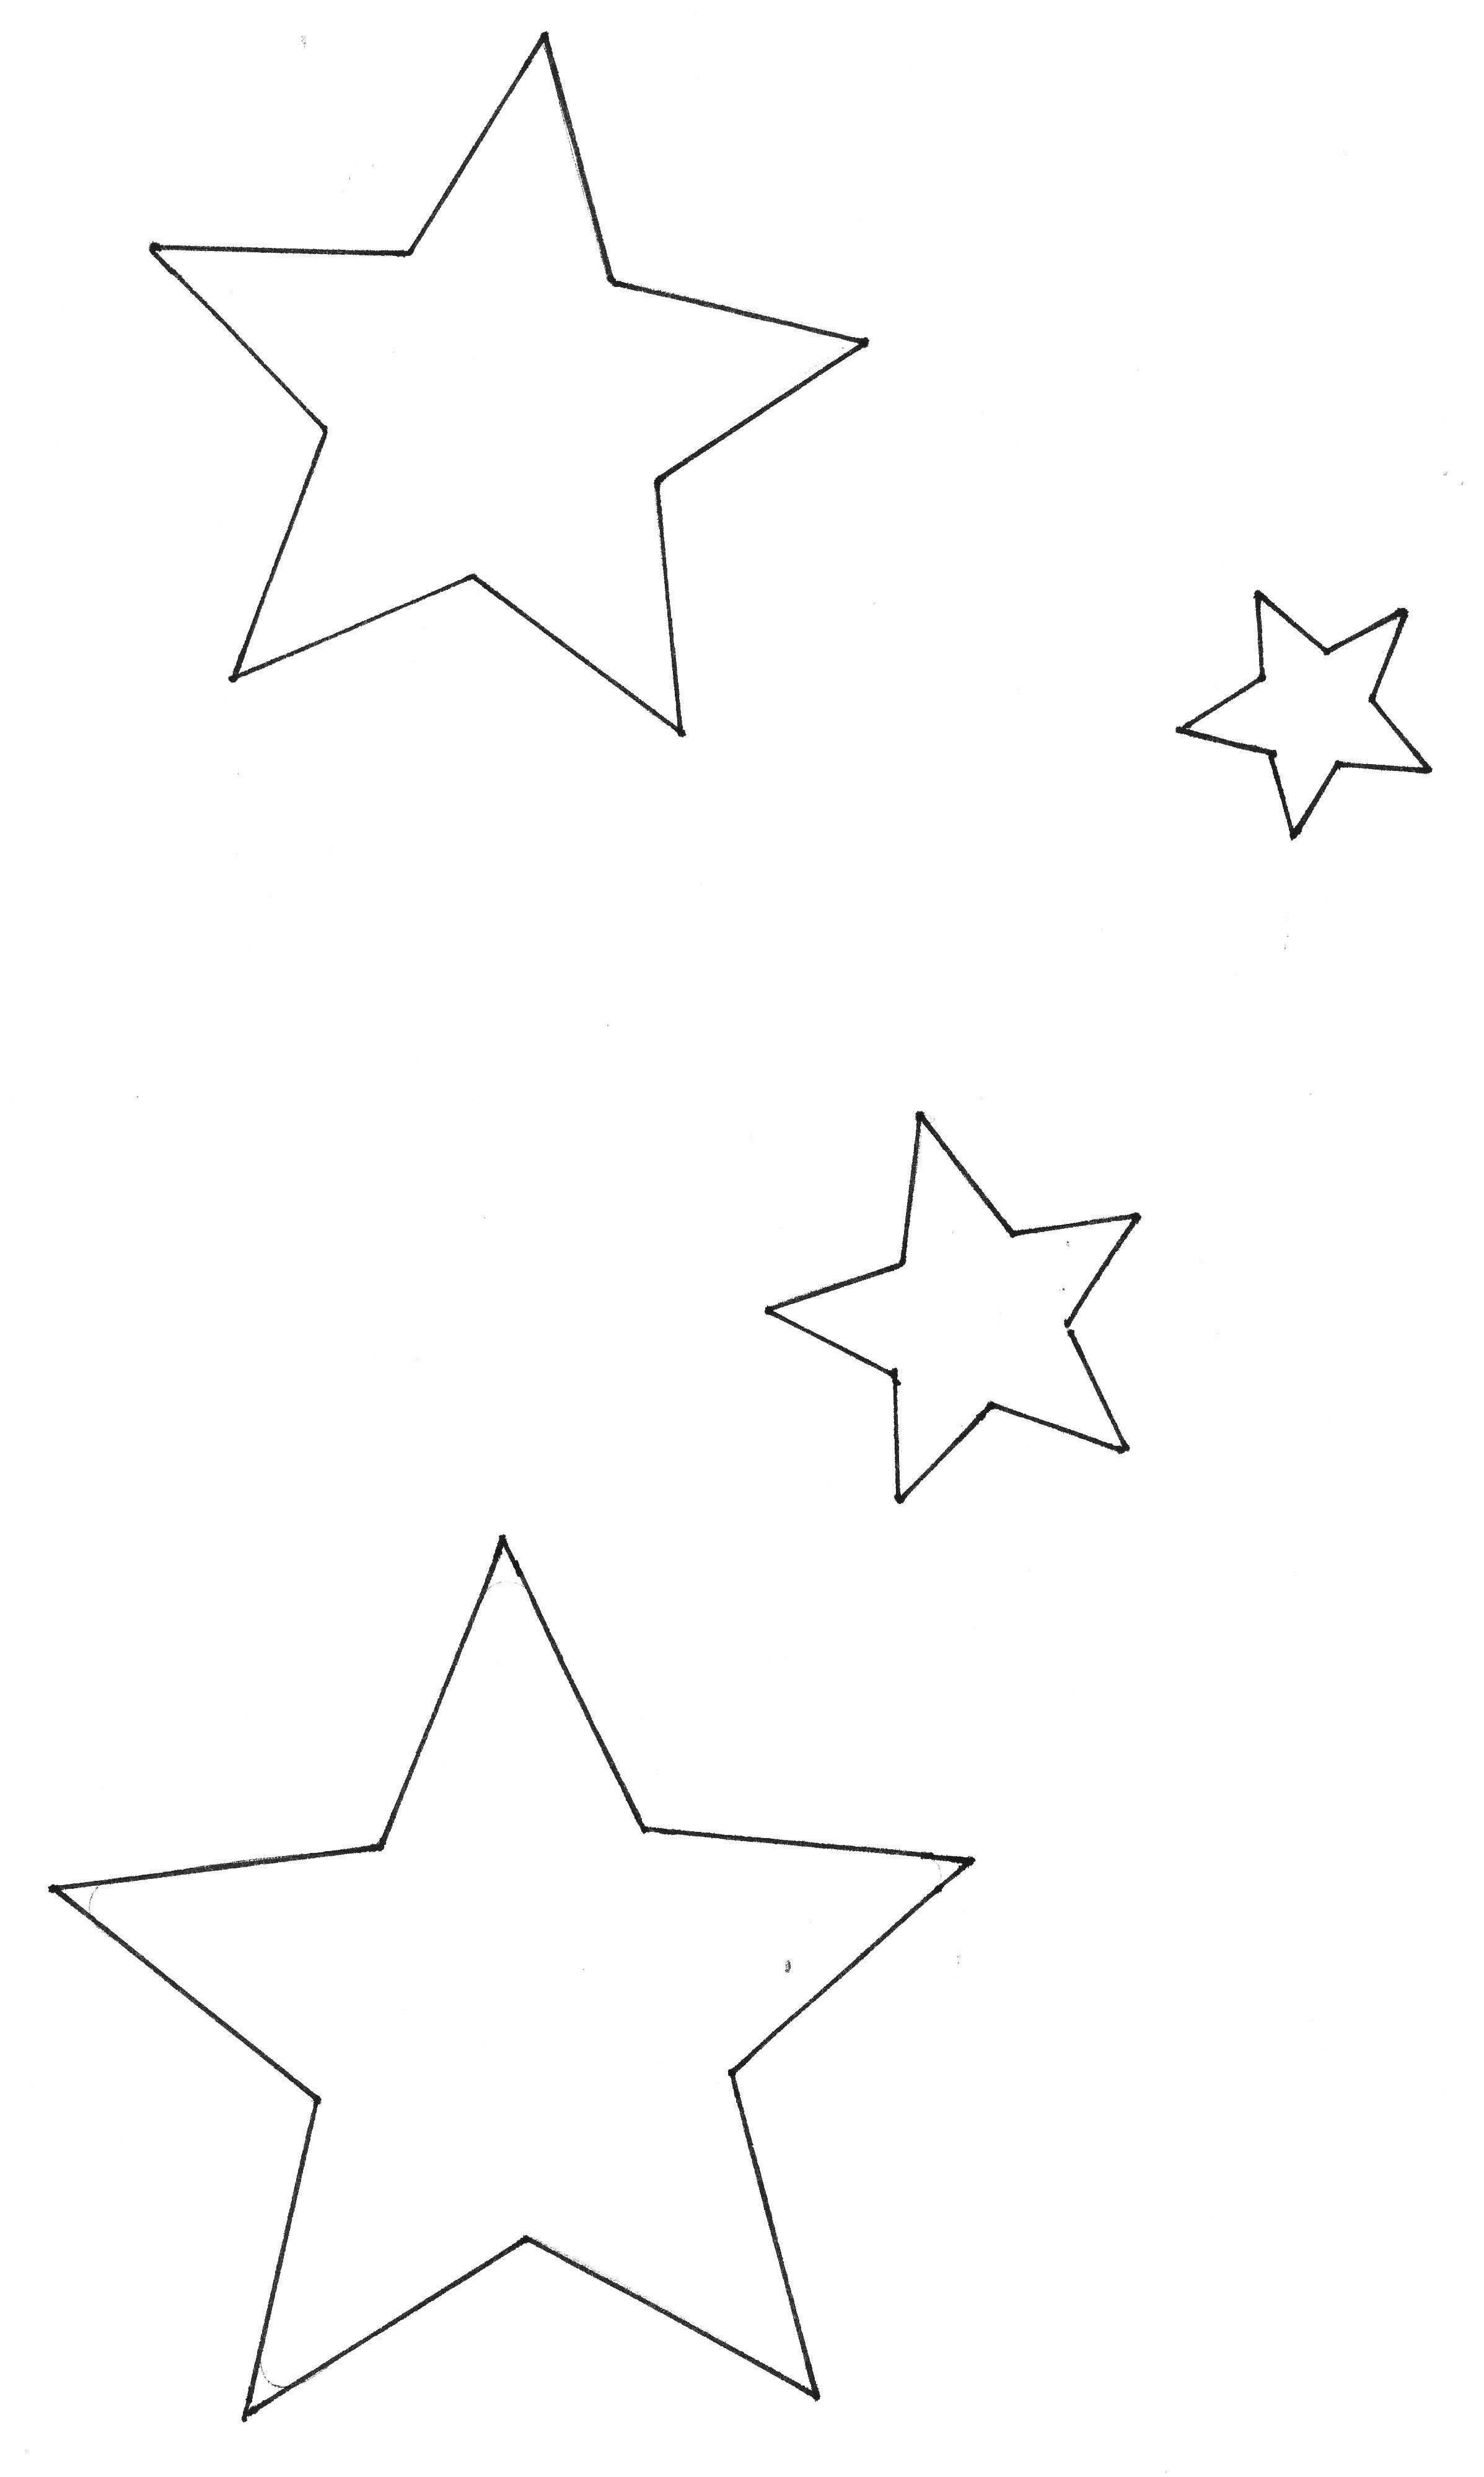 Stern Weihnachten Malvorlage Genial 35 Sterne Ausmalbilder Scoredatscore Schön Weihnachten Ausmalbilder Sammlung